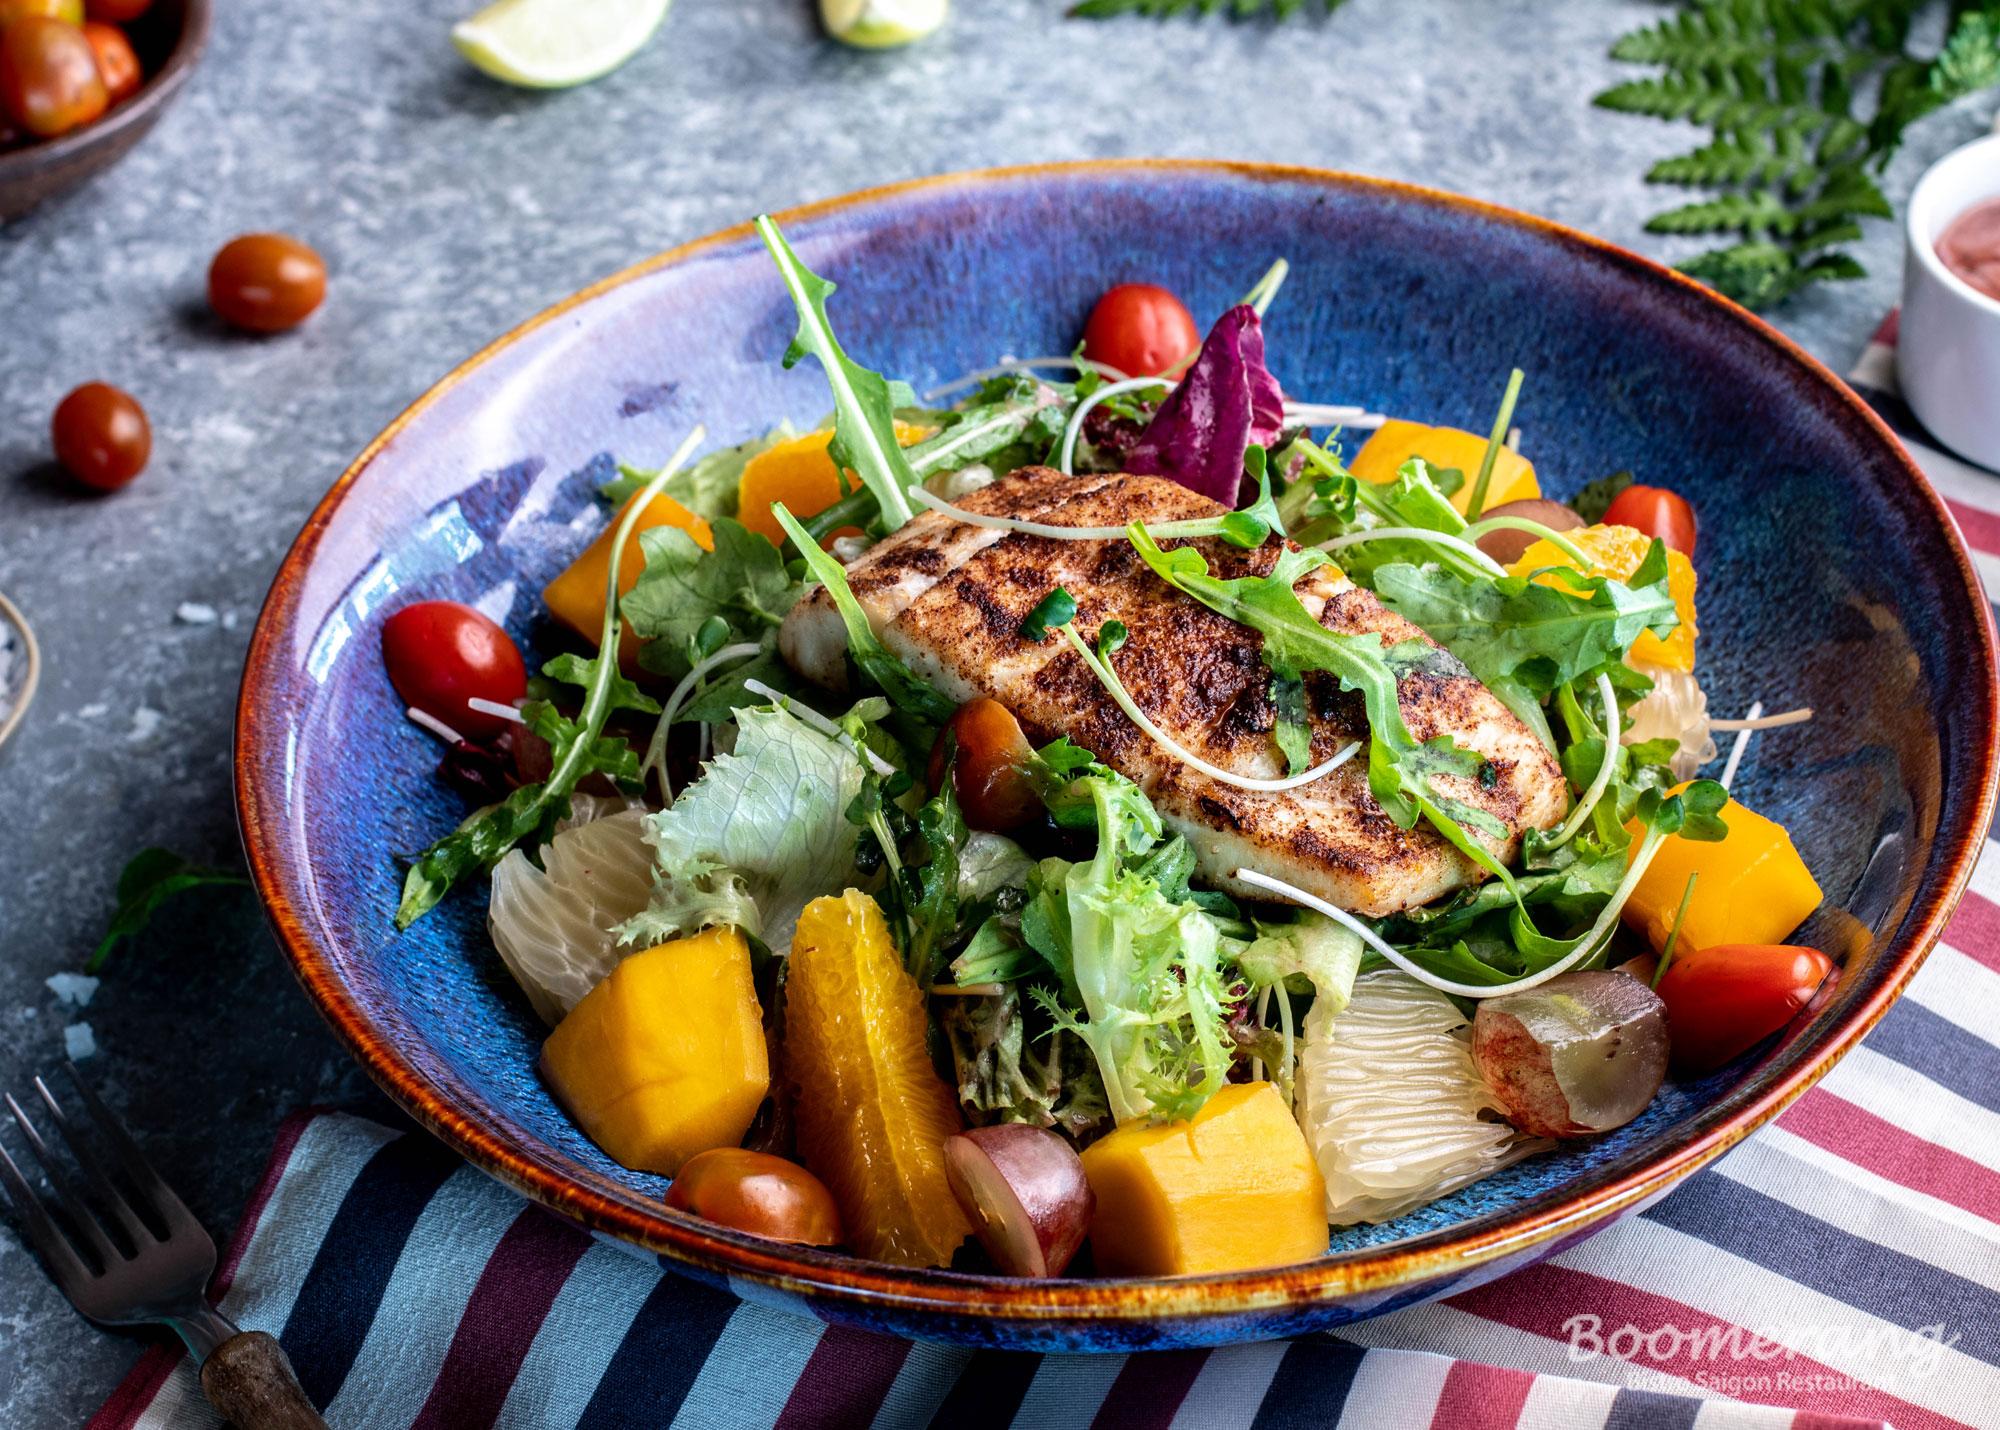 Salmon salad nhà hàng Boomerang Bistro Saigon